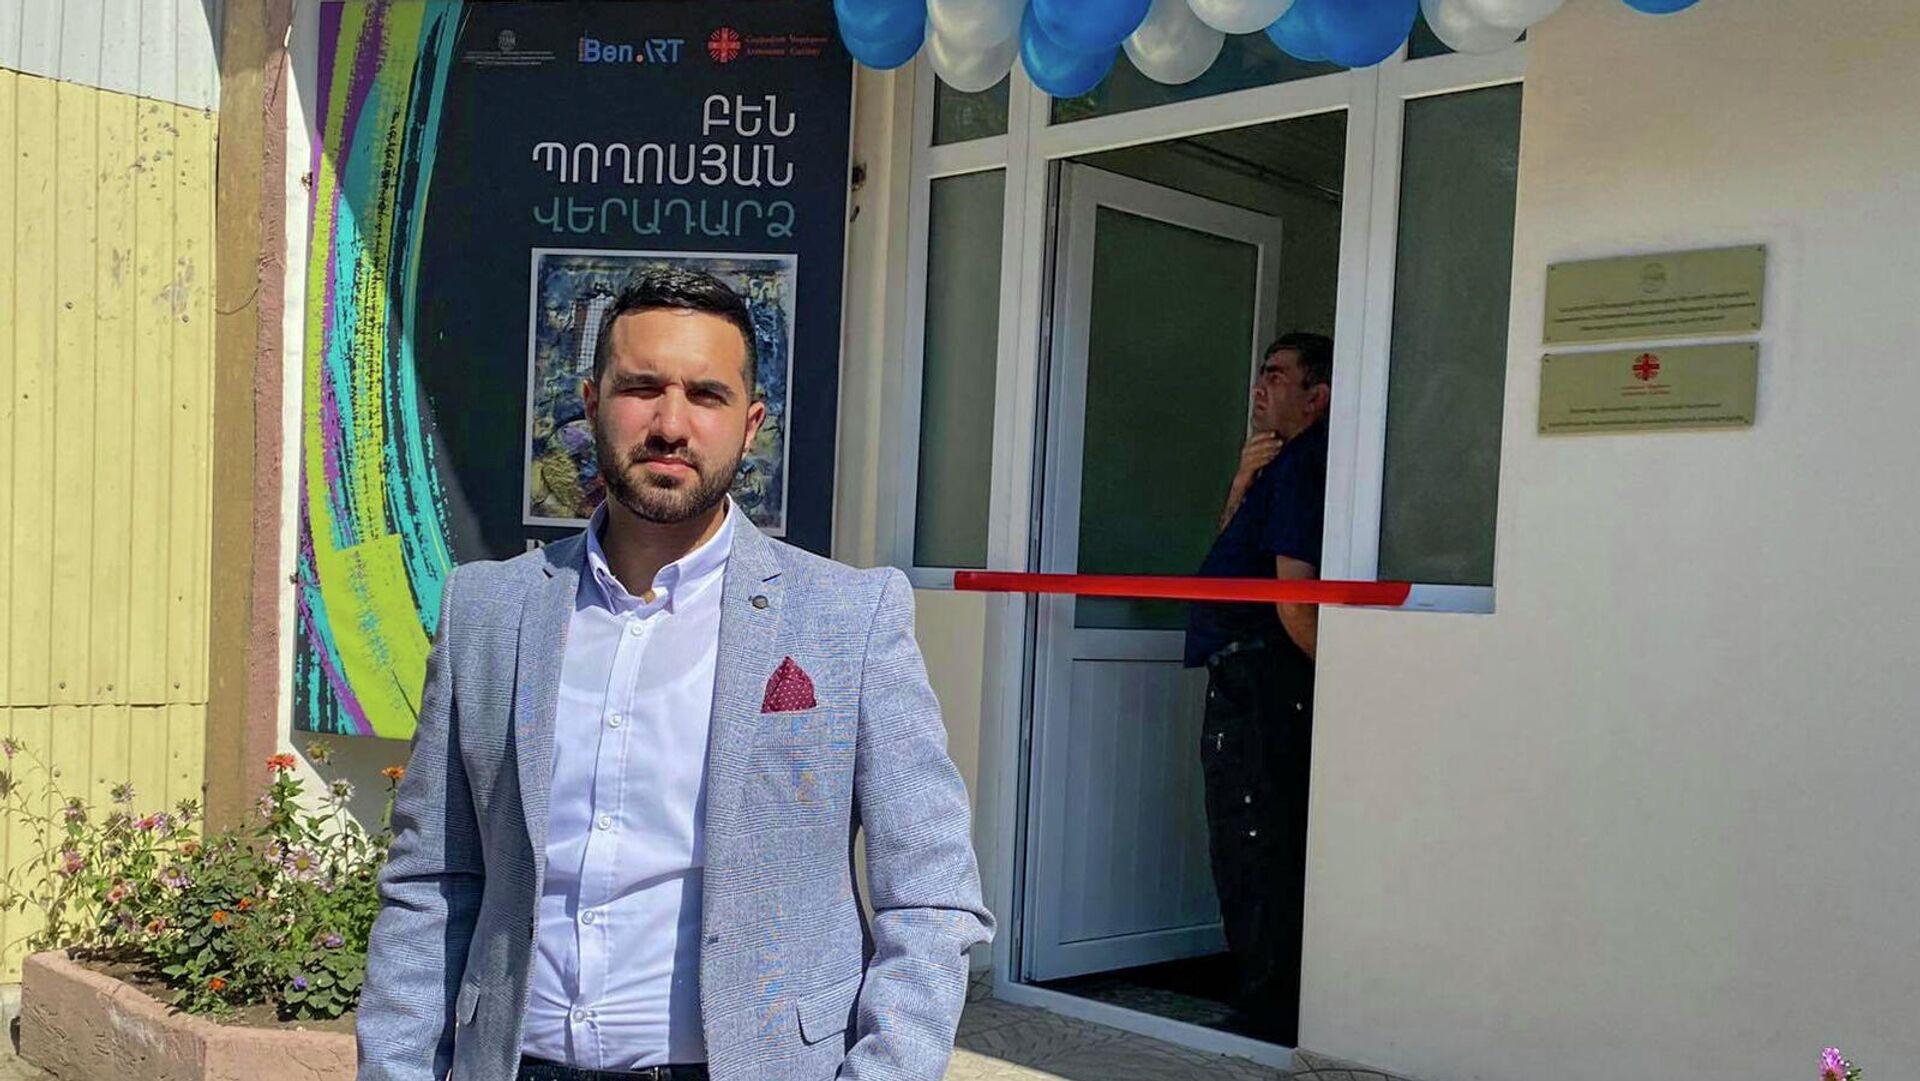 Персональная выставка Возвращение Бена Погосяна, тяжело раненного в 44-дневной войне (21 сентября 2021). Гюмри - Sputnik Армения, 1920, 28.09.2021